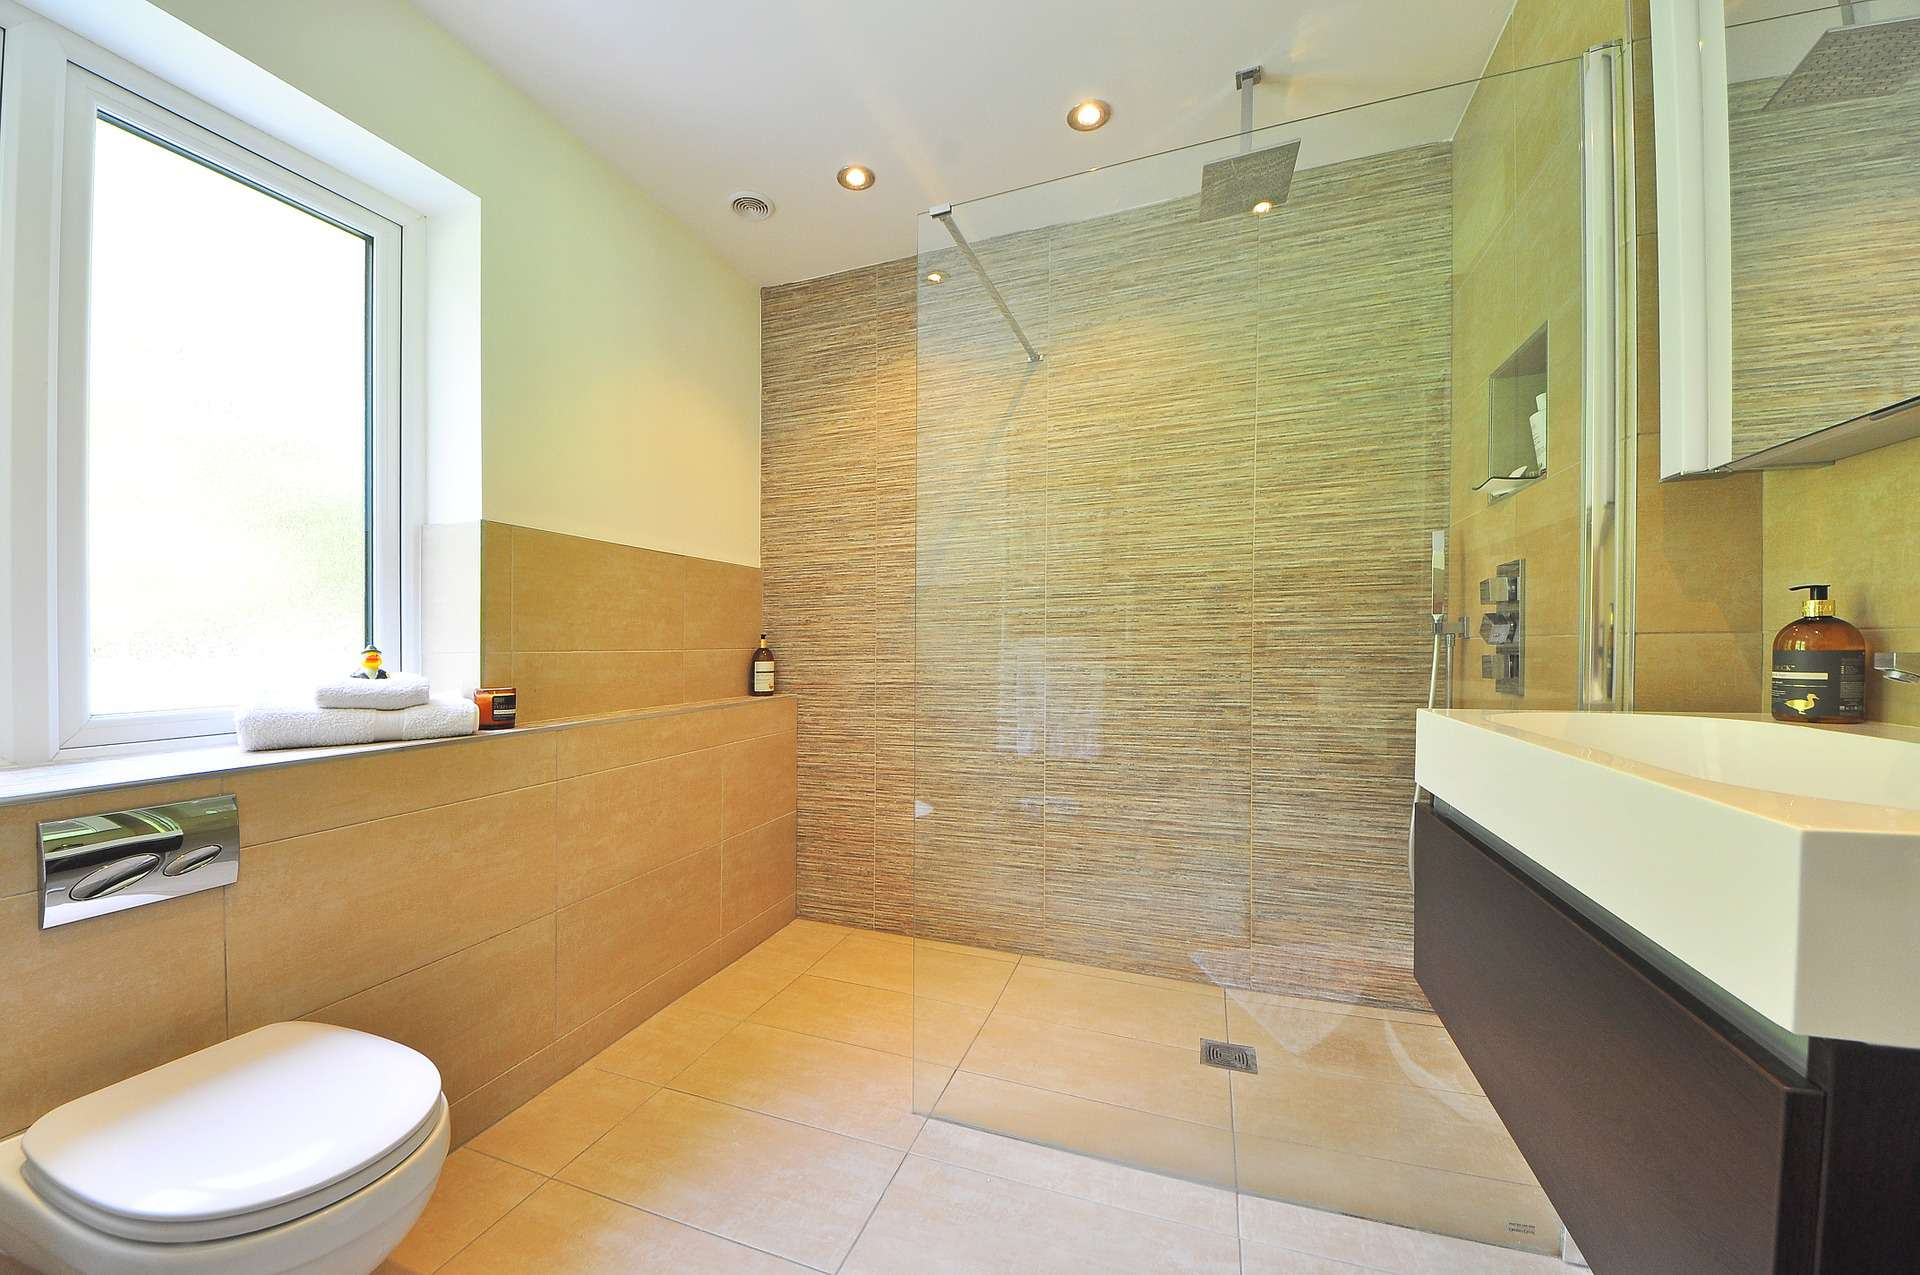 bathroom remodeling reno trend heated floors